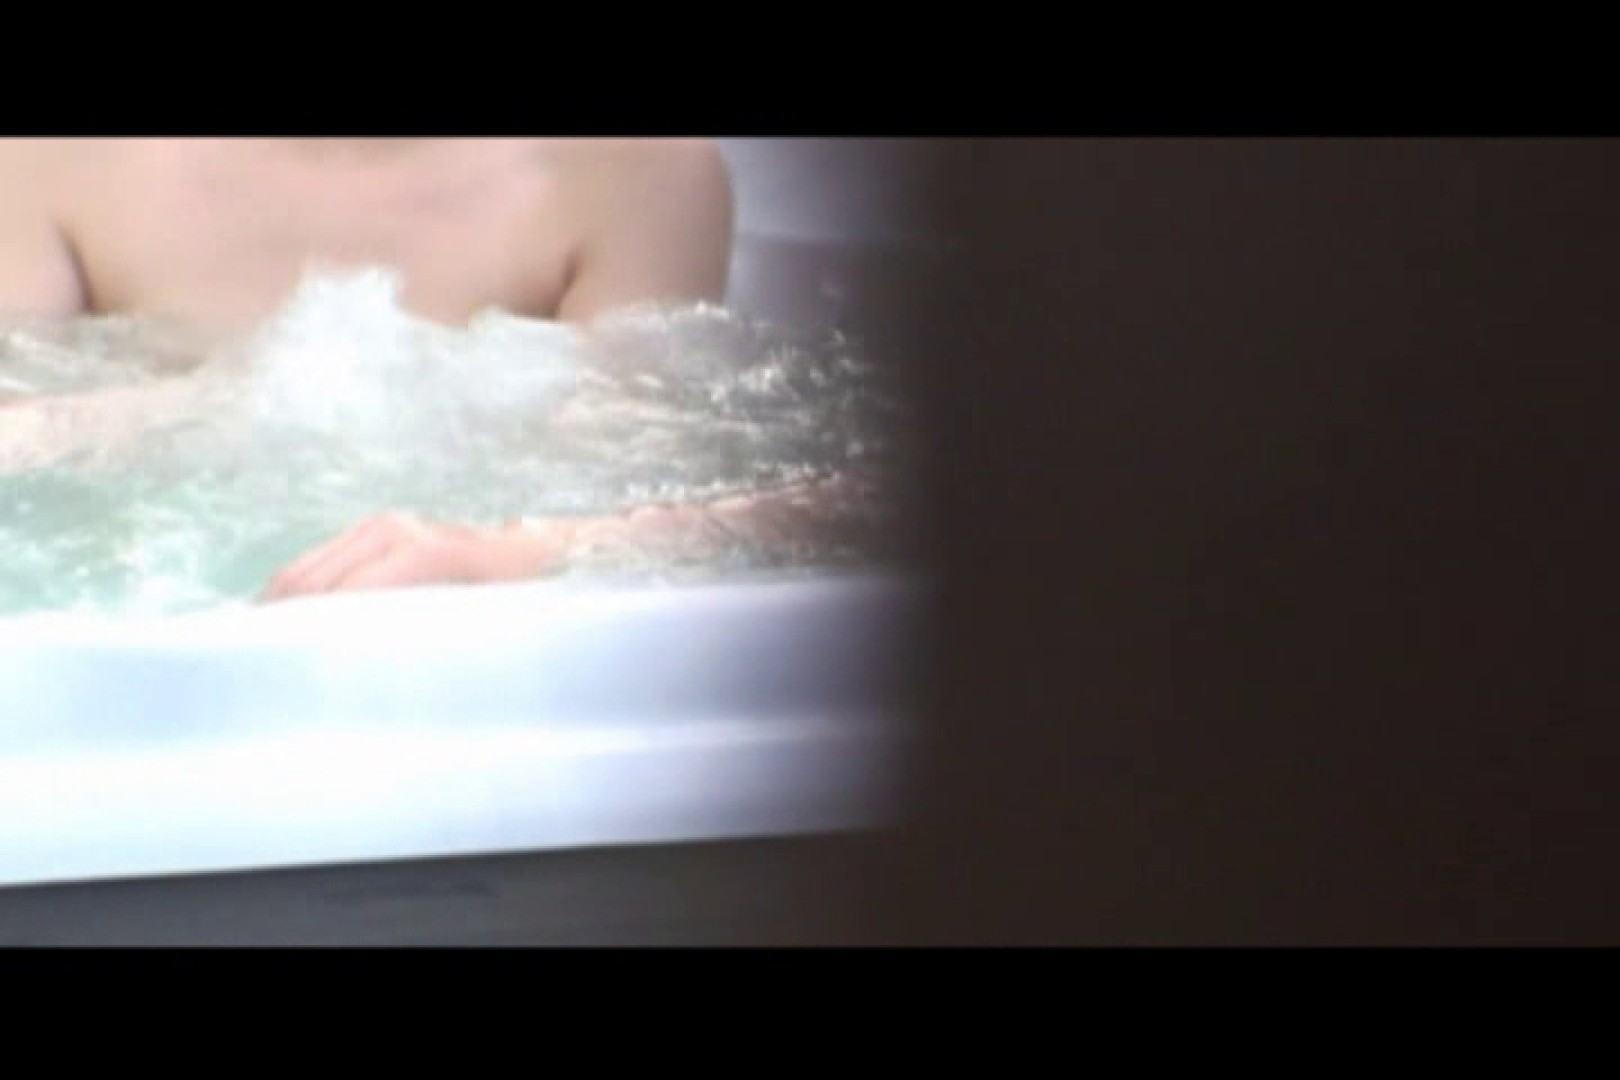 貸切露天 発情カップル! vol.07 露天風呂の女達   カップルのセックス  100連発 89